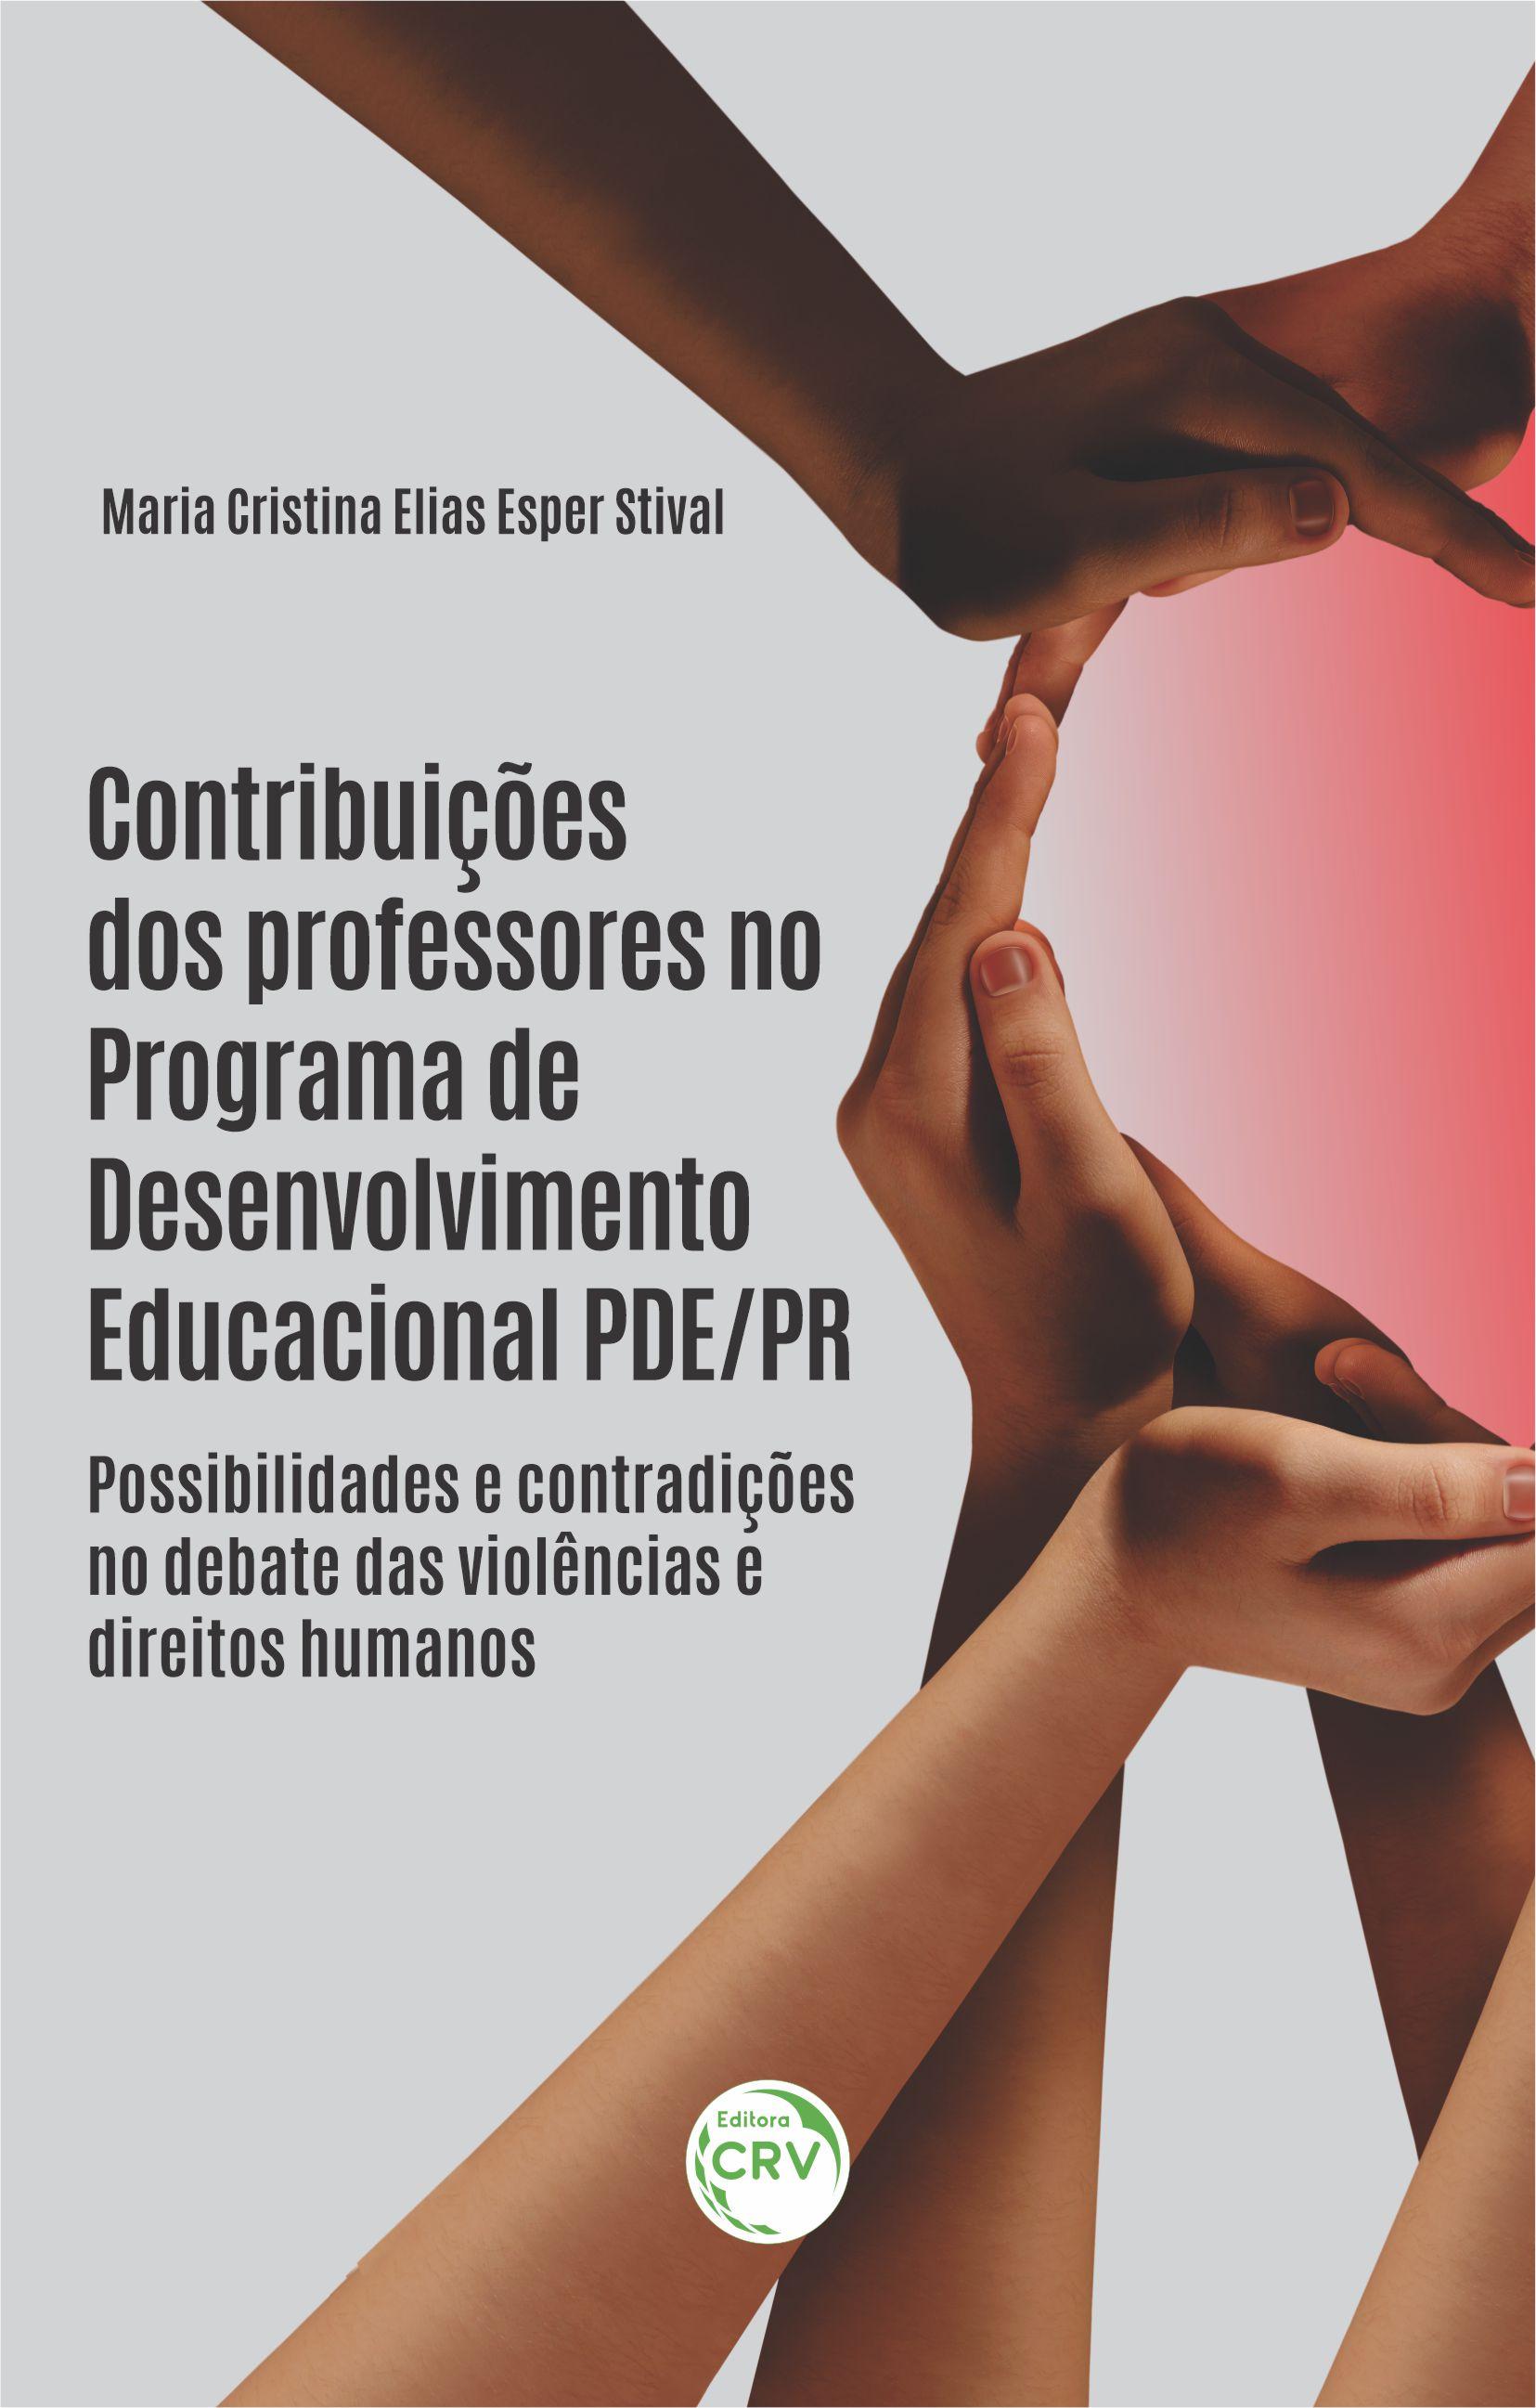 Capa do livro: CONTRIBUIÇÕES DOS PROFESSORES NO PROGRAMA DE DESENVOLVIMENTO EDUCACIONAL PDE/PR: <br> possibilidades e contradições no debate das violências e direitos humanos